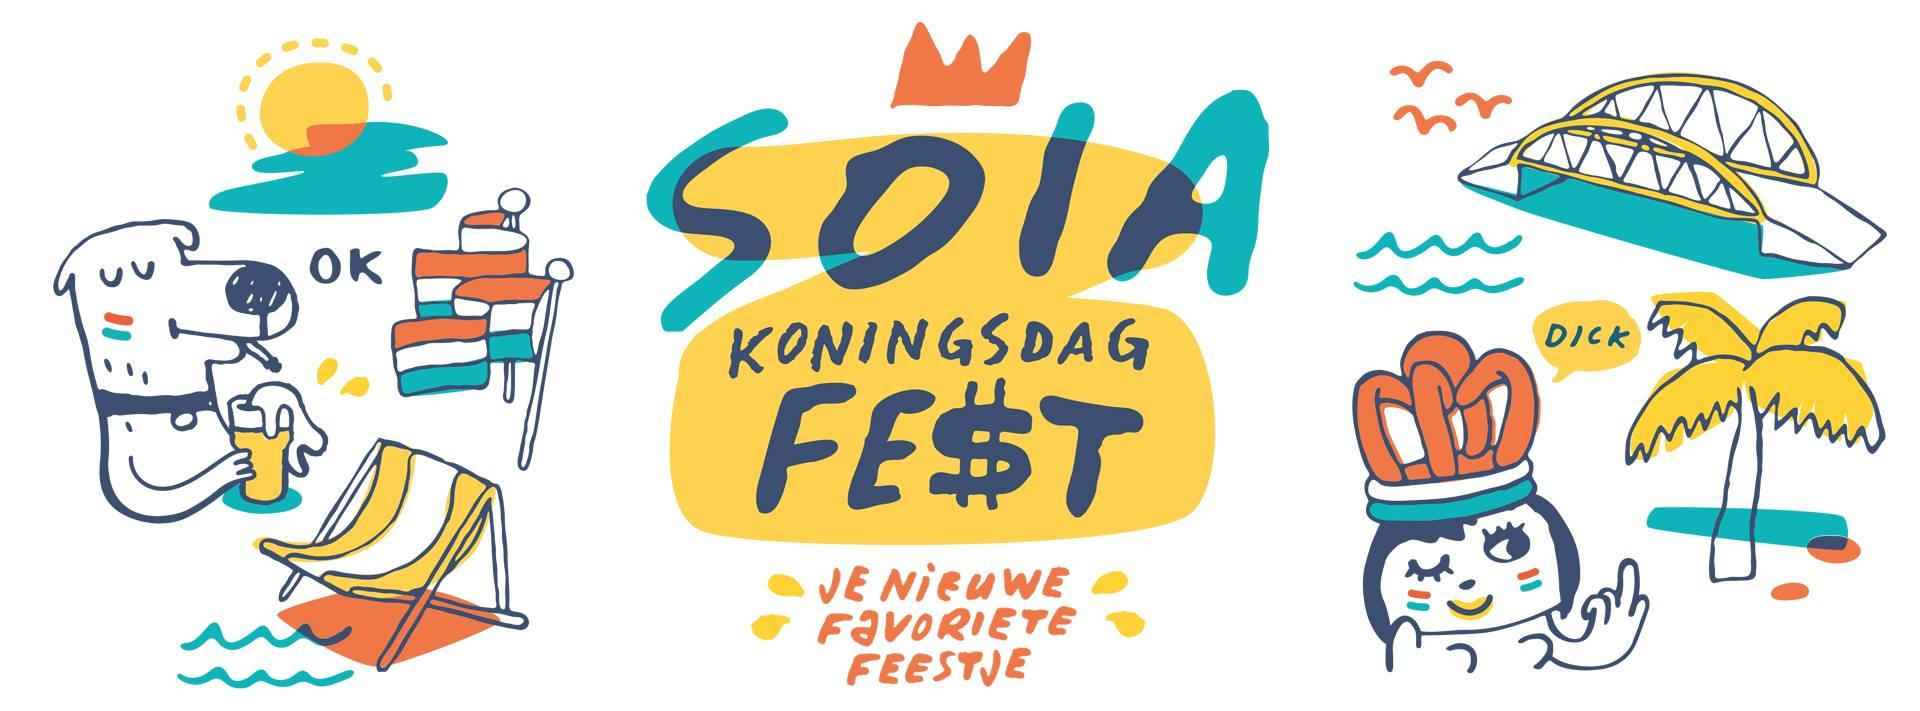 Soia Koningsdag Fest At Soia Strand Oog In Al Goneout